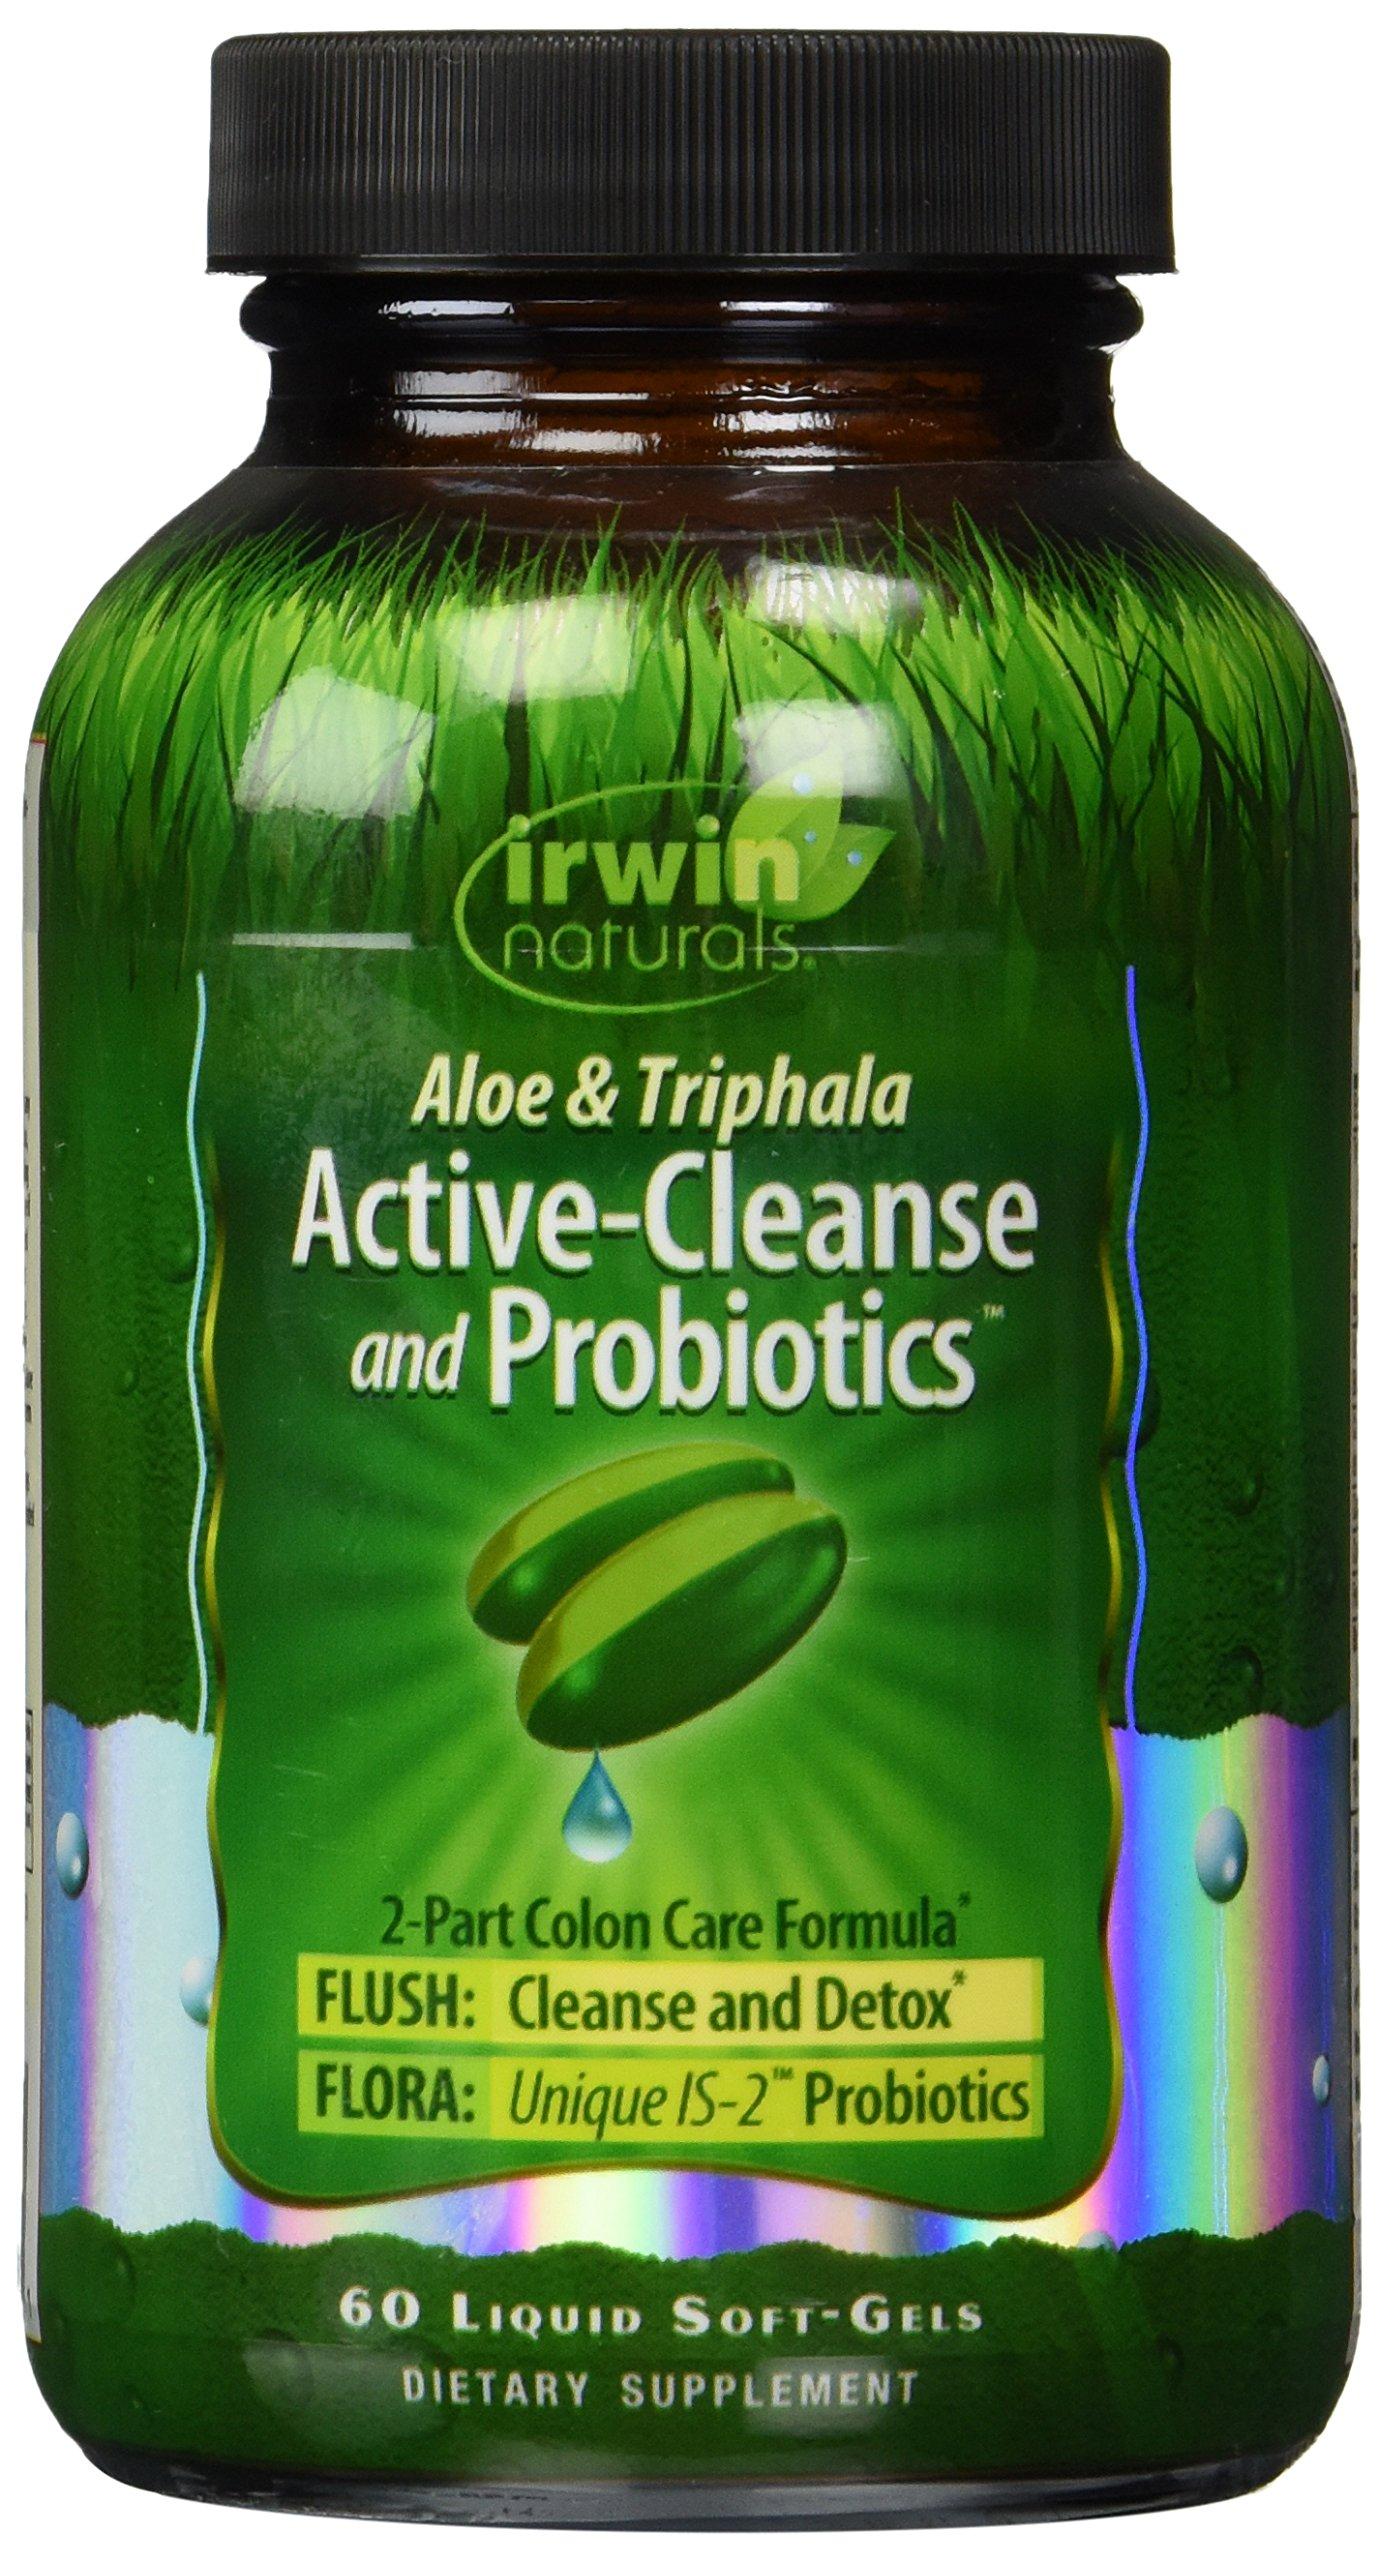 Irwin Naturals Active Cleanse and Probiotics Diet Supplement, 60 Count